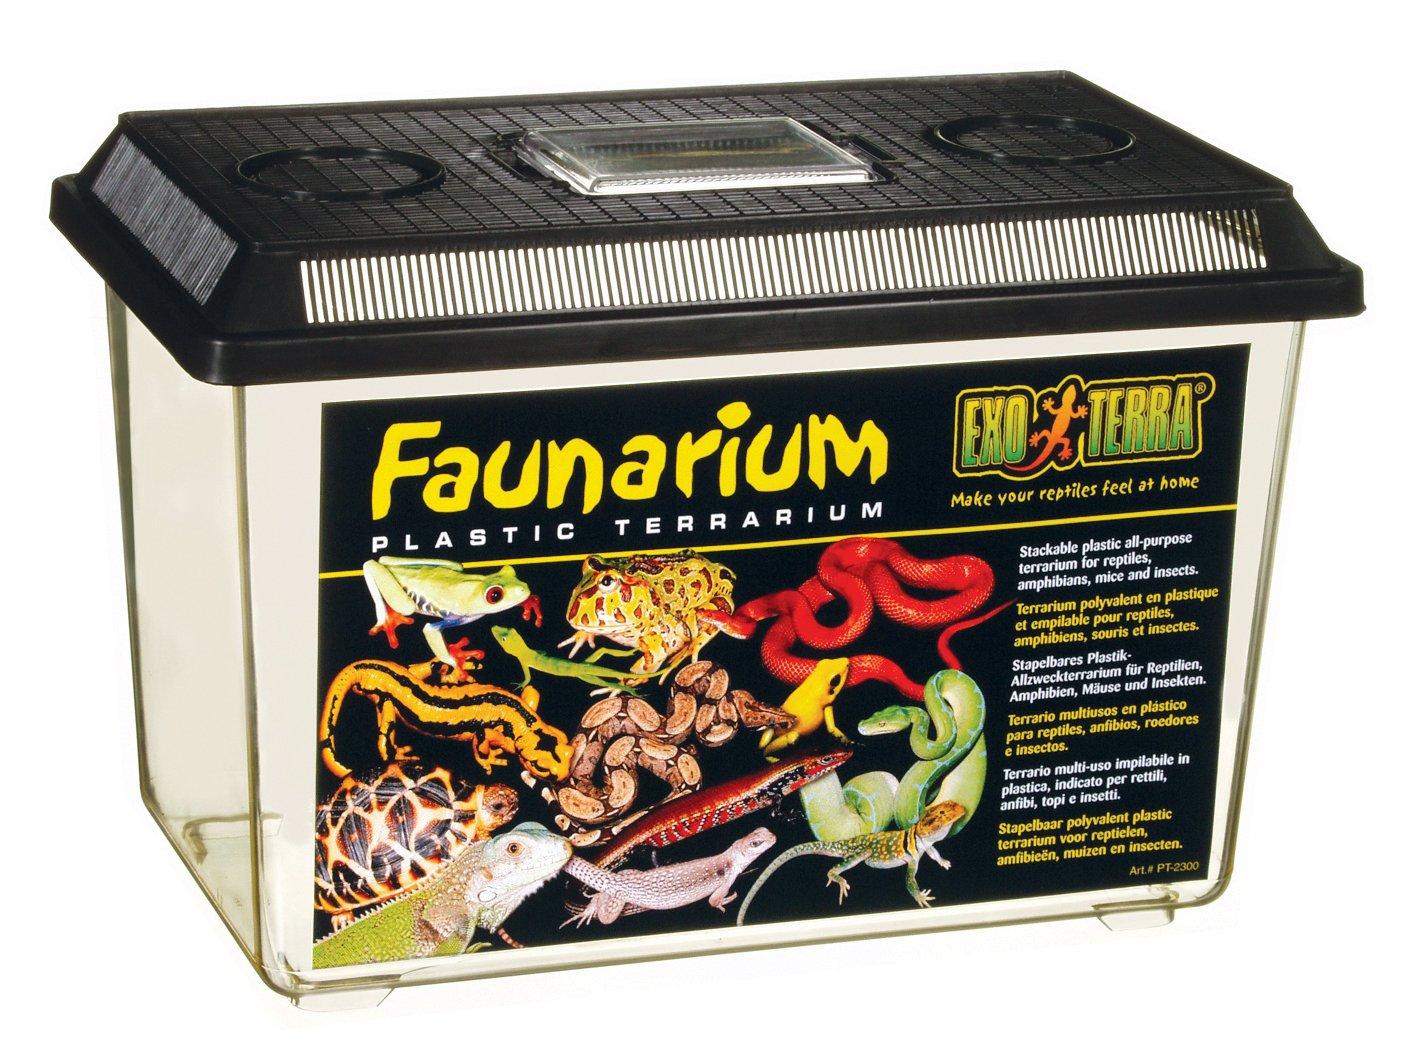 Exo Terra PT2260 Standard Faunarium, Medium Exoterra PT2260A1